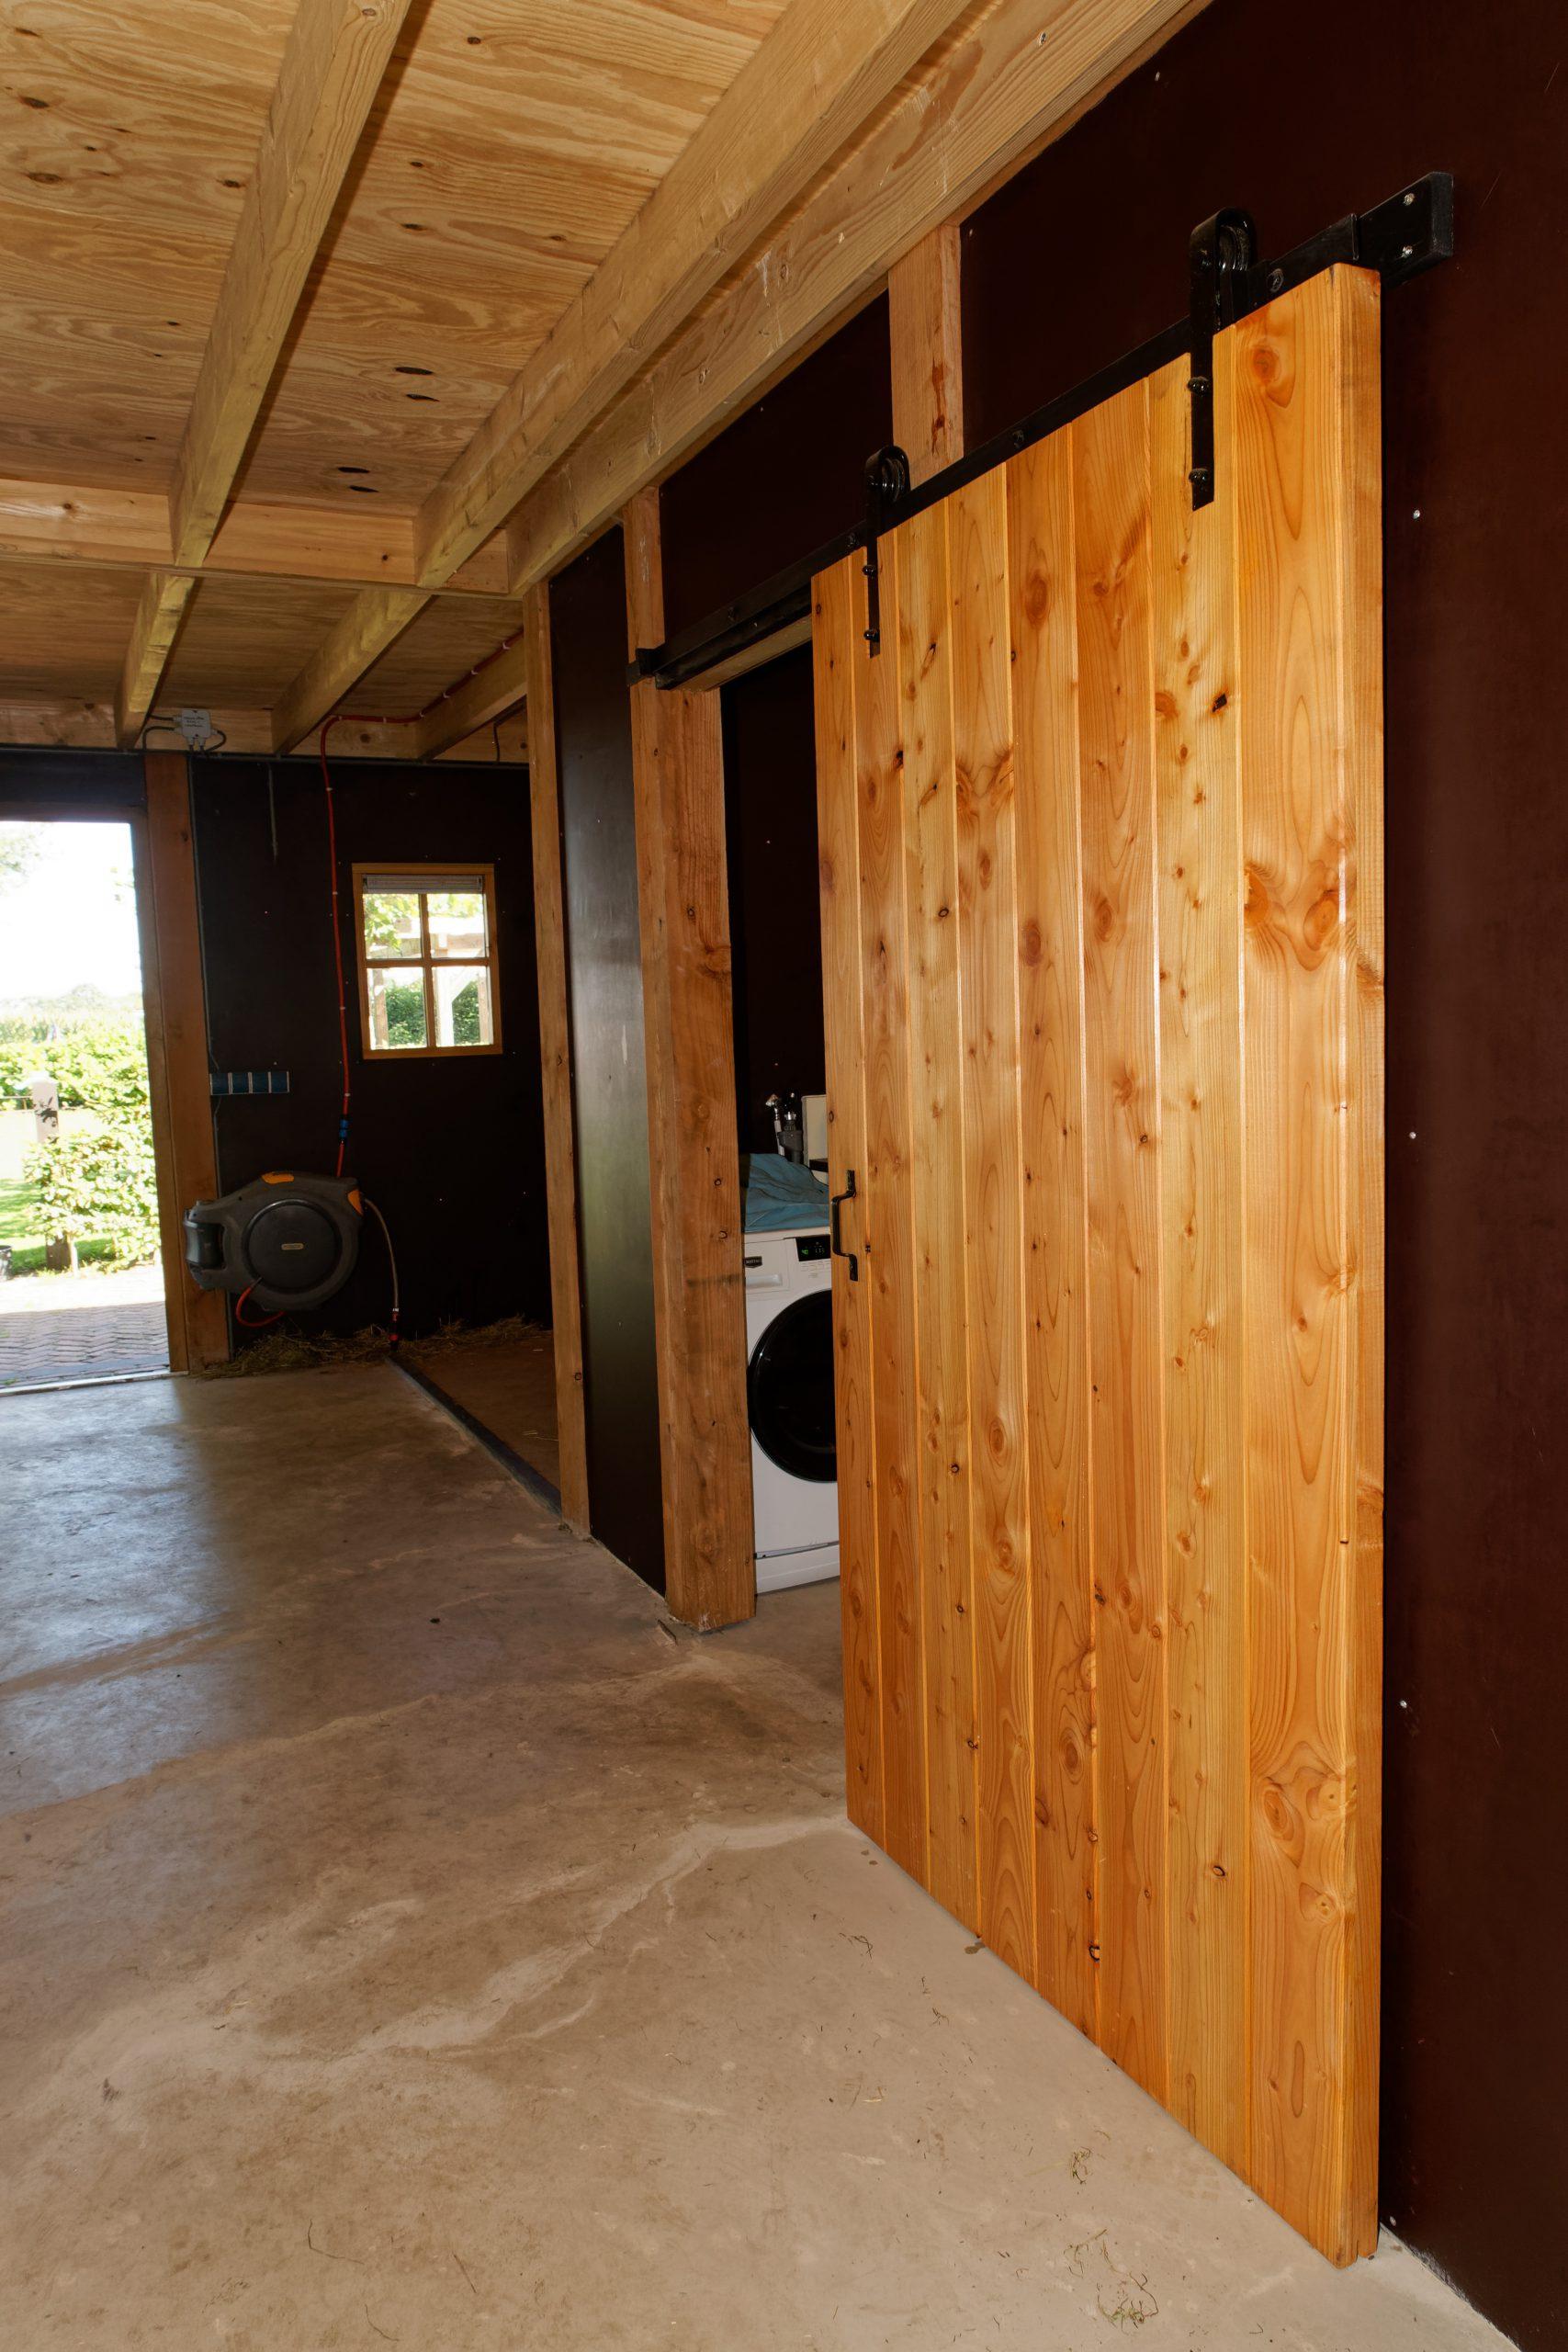 houten-schuur-met-paardenstallen-14-scaled - Project Hardenberg: Grote houten schuur met paardenstallen.